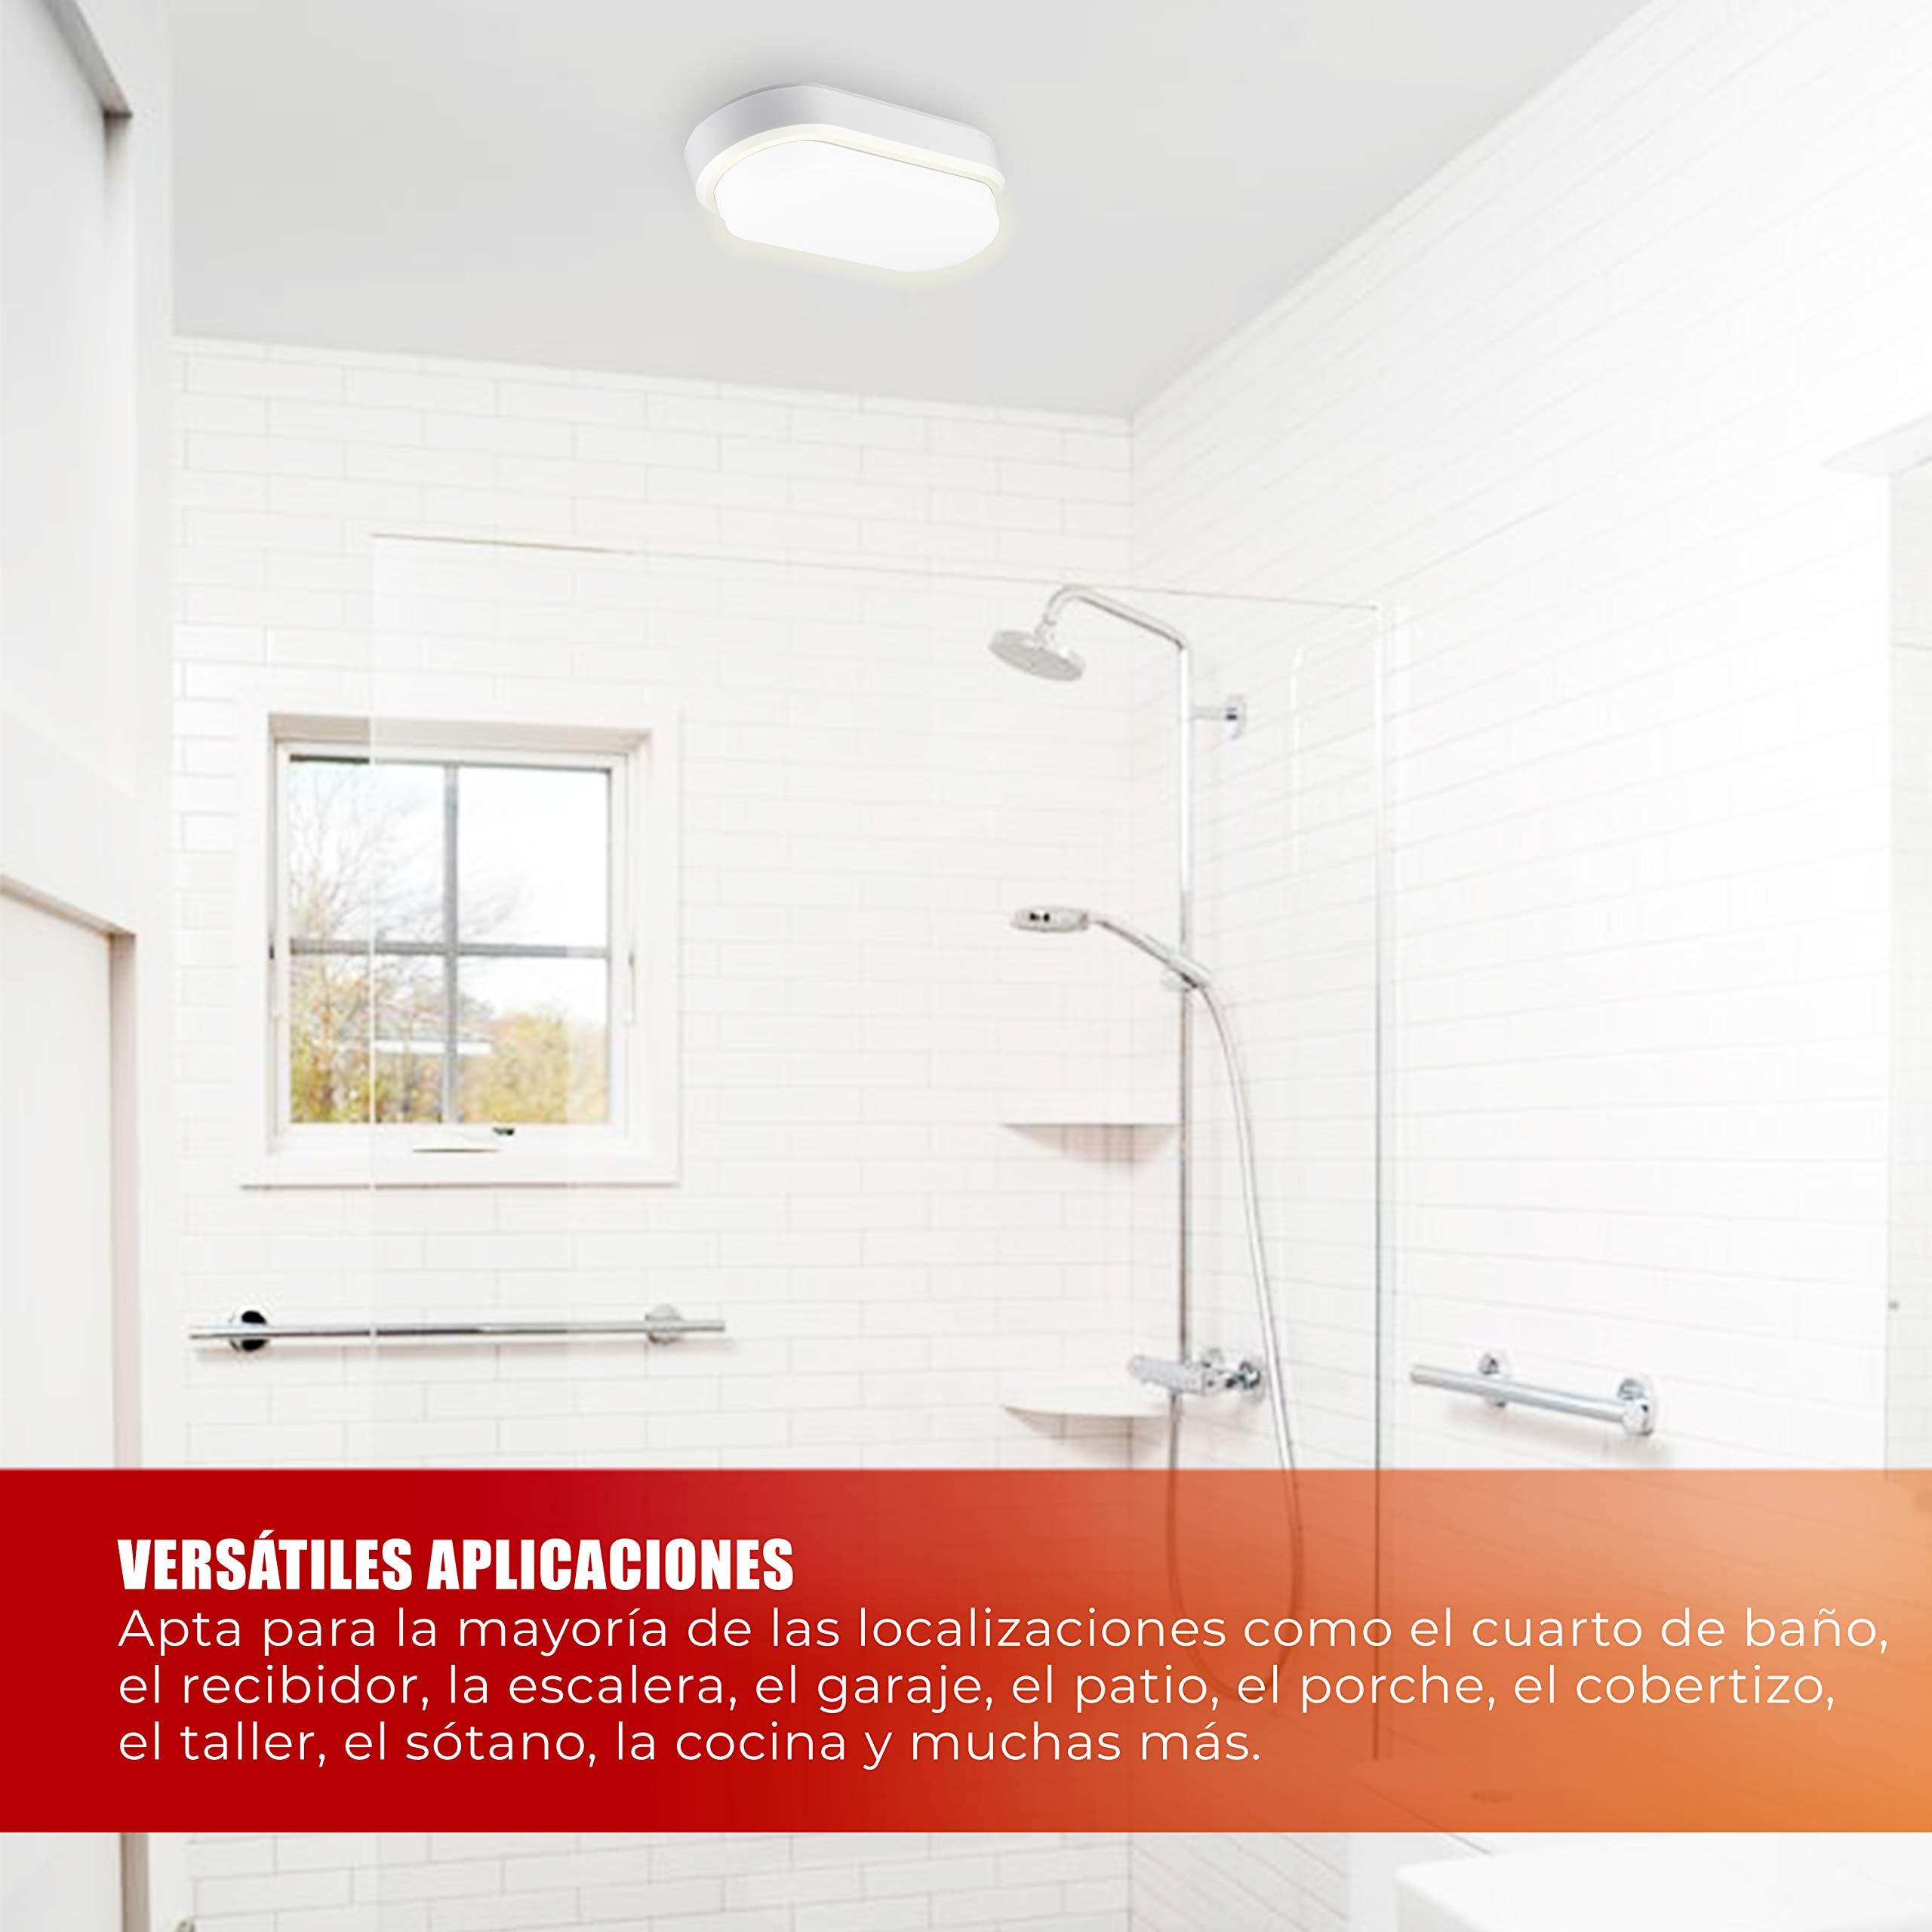 POPP®Apliques lamparas de techo LED bulkhead blanco redondo ovalado 8W 12W 16W Luz neutra 4000K interior exterior IP65 para baño Cocina Balcón Pasillo (Ovalado, 12 Watios): Amazon.es: Iluminación